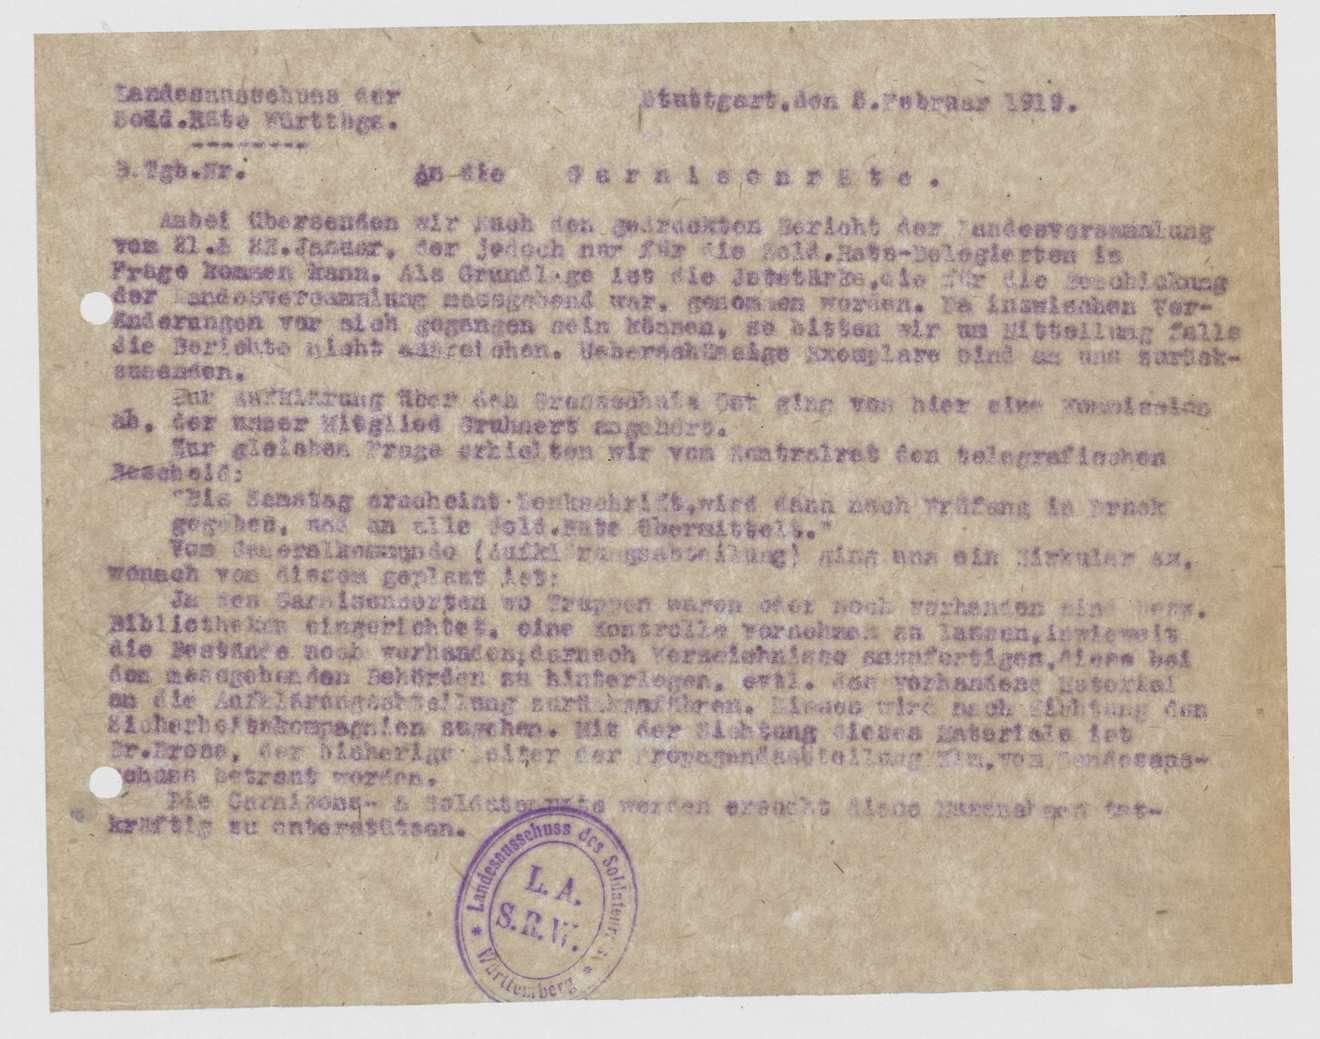 Einladungen, Ausweiskarten, Programm der 3.-4. Landesversammlung der Soldatenräte, Plan einer 5. Landesversammlung, Bild 2